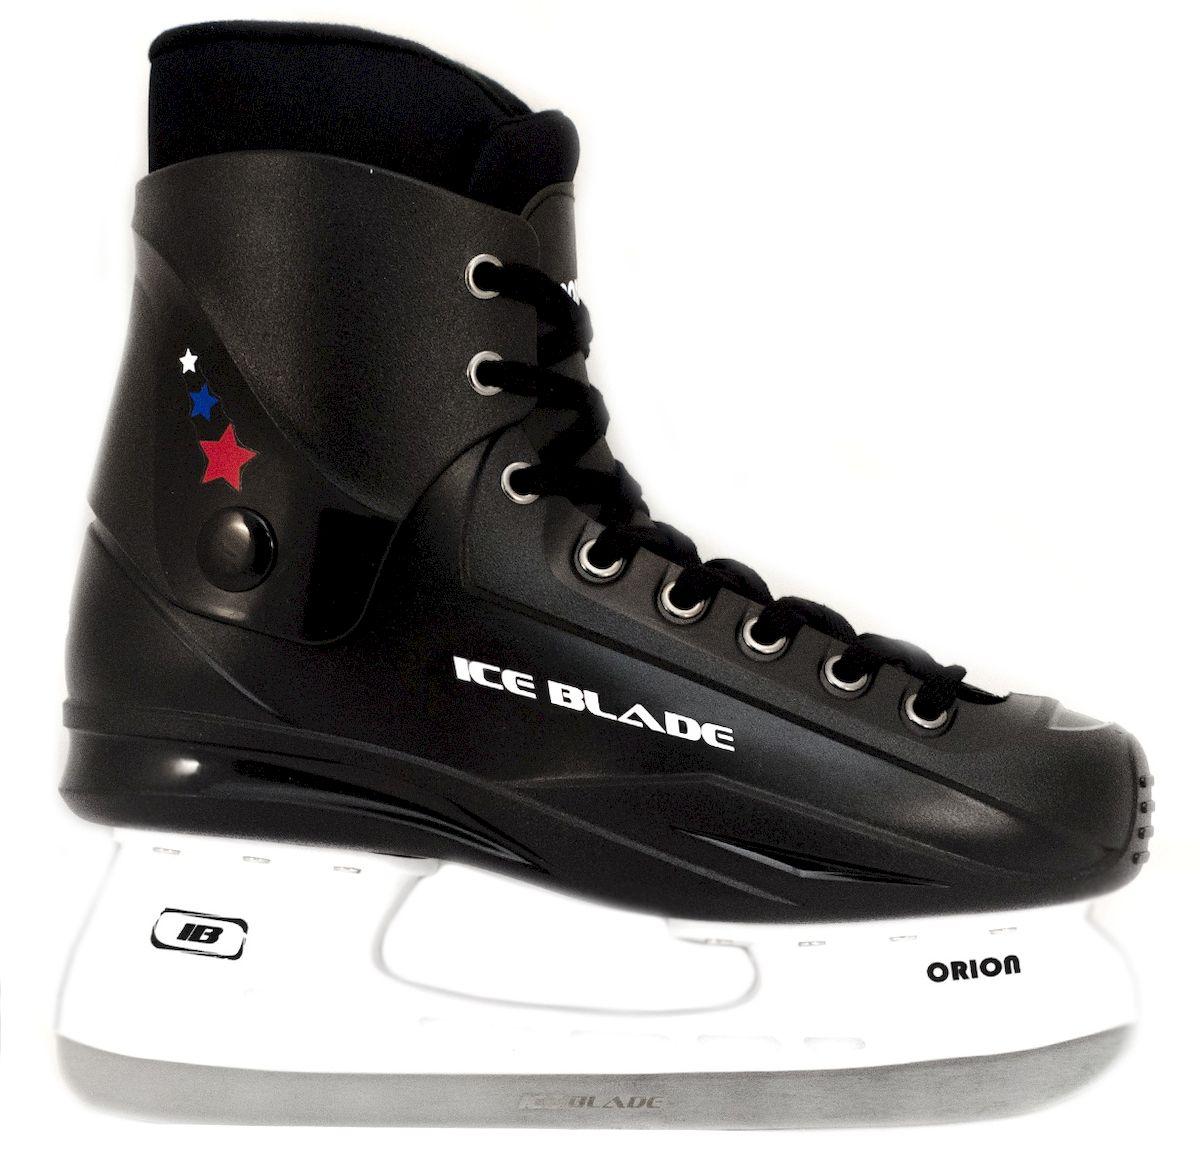 Коньки хоккейные Ice Blade Orion, цвет: черный. УТ-00004984. Размер 37УТ-00004984Коньки хоккейные Orion - это хоккейные коньки для любых возрастов. Конструкция Ice Blade Orion прекрасно защищает стопу, очень комфортно для активного катания, а также позволяет играть в хоккей. Легкий пластиковый ботинок хоккейных коньков Ice Blade Orion очень комфортный как для простого катания на льду, так и для любительского хоккея. Внутренний сапожок утеплен мягким и дышащим материалом, а язычок усилен специальной вставкой для большей безопасности Вашей стопы. Модель Ice Blade Orion также прекрасно подойдет и для коммерческого использования. Данную модель часто покупают для использования в прокате. Материал: Выполнены из высококачественного морозостойкого пластика и нейлоновой сетки. Внутренняя часть отделана мягким вельветом. Материал лезвия - высокоуглеродистая сталь. Основные характеристики: Назначение: хоккейные коньки Тип фиксации: шнурки Дополнительные характеристики: Материал ботинка: высококачественный морозостойкий пластик и нейлоновая сетка...